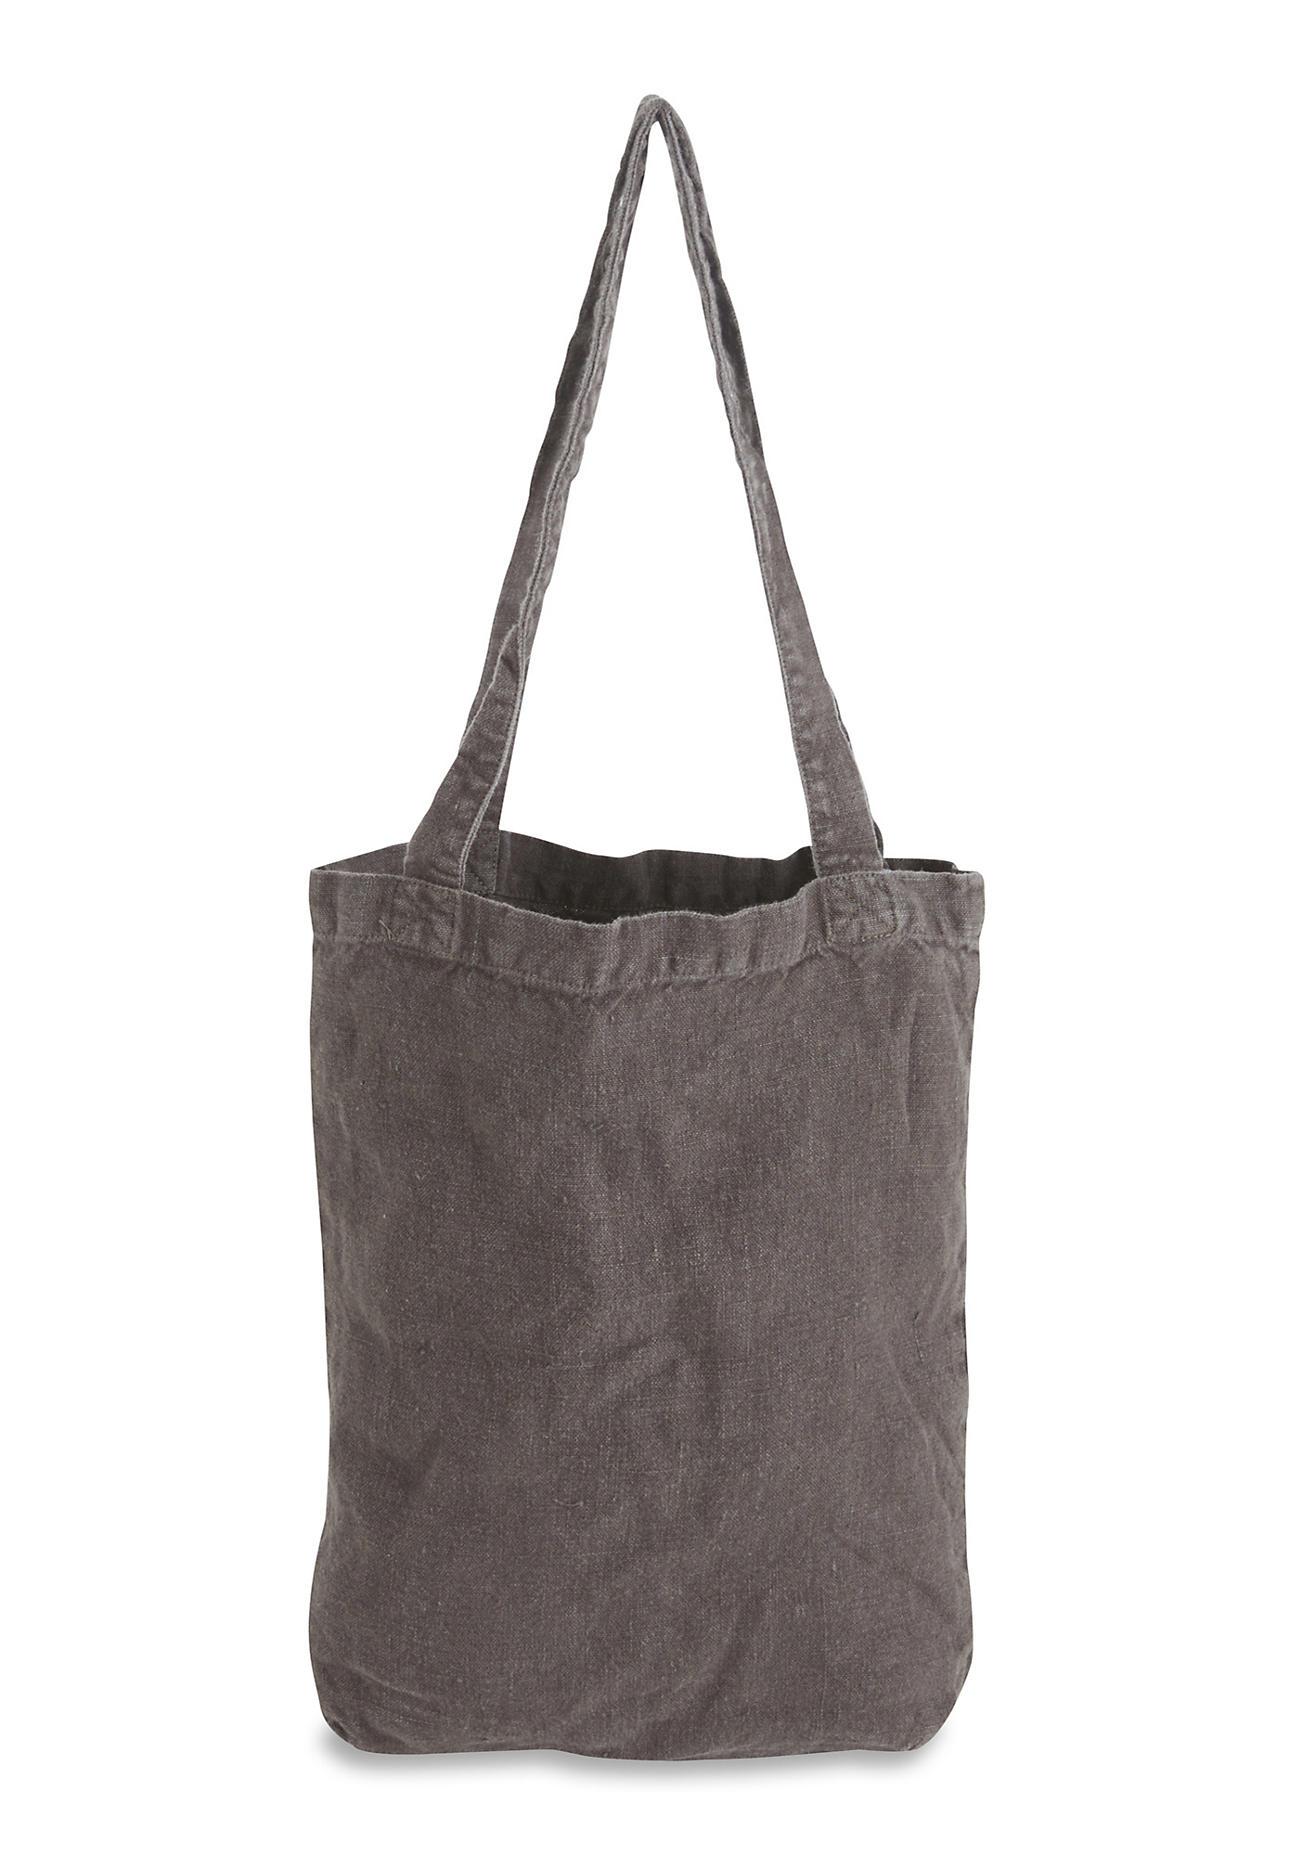 hessnatur Damen Tasche aus Hessenleinen – grau – Größe 1size